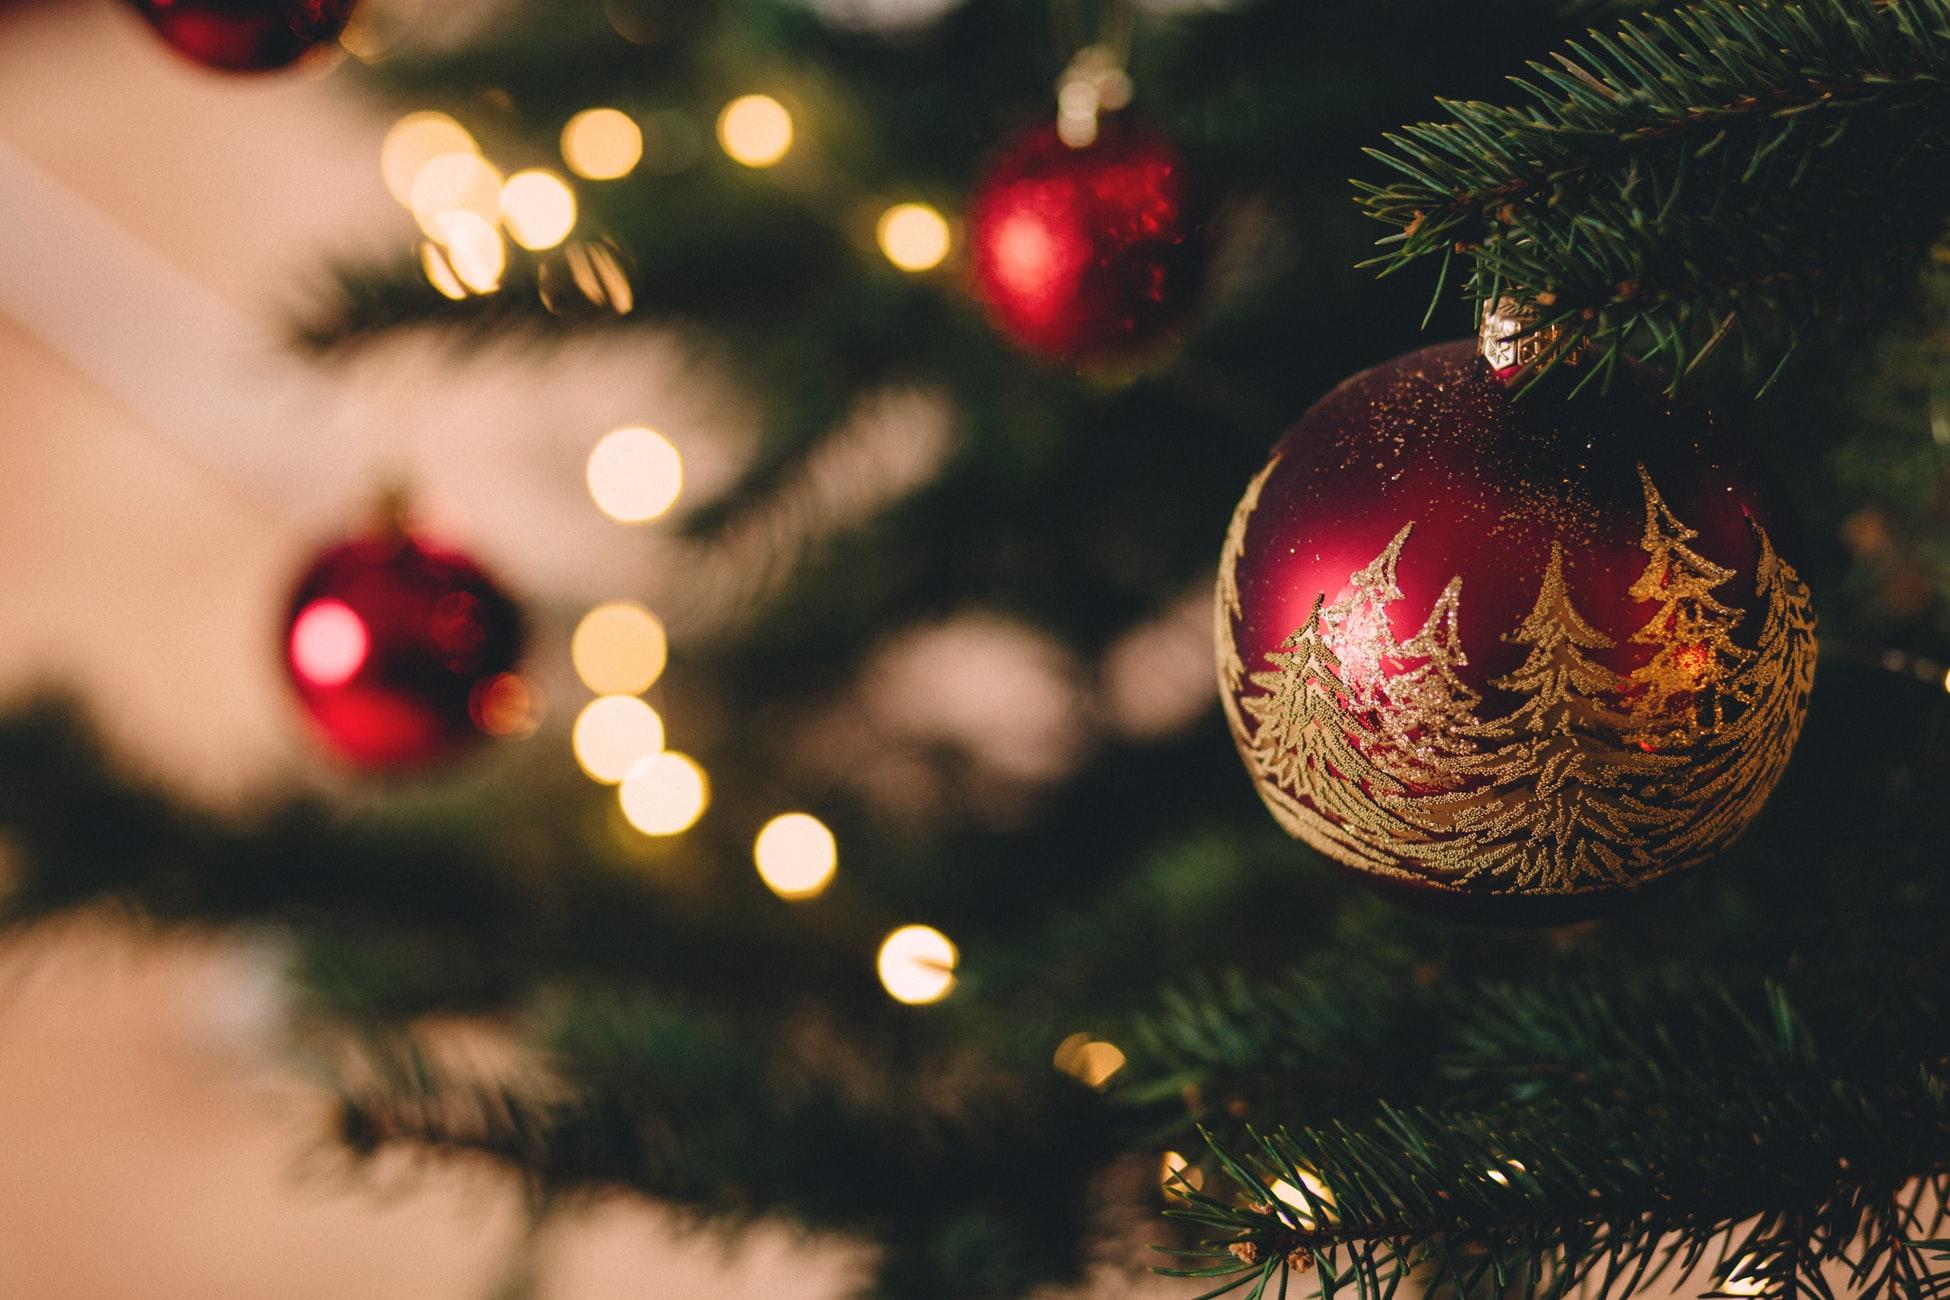 Wir wünschen Ihnen ein schönes Weihnachtsfest!